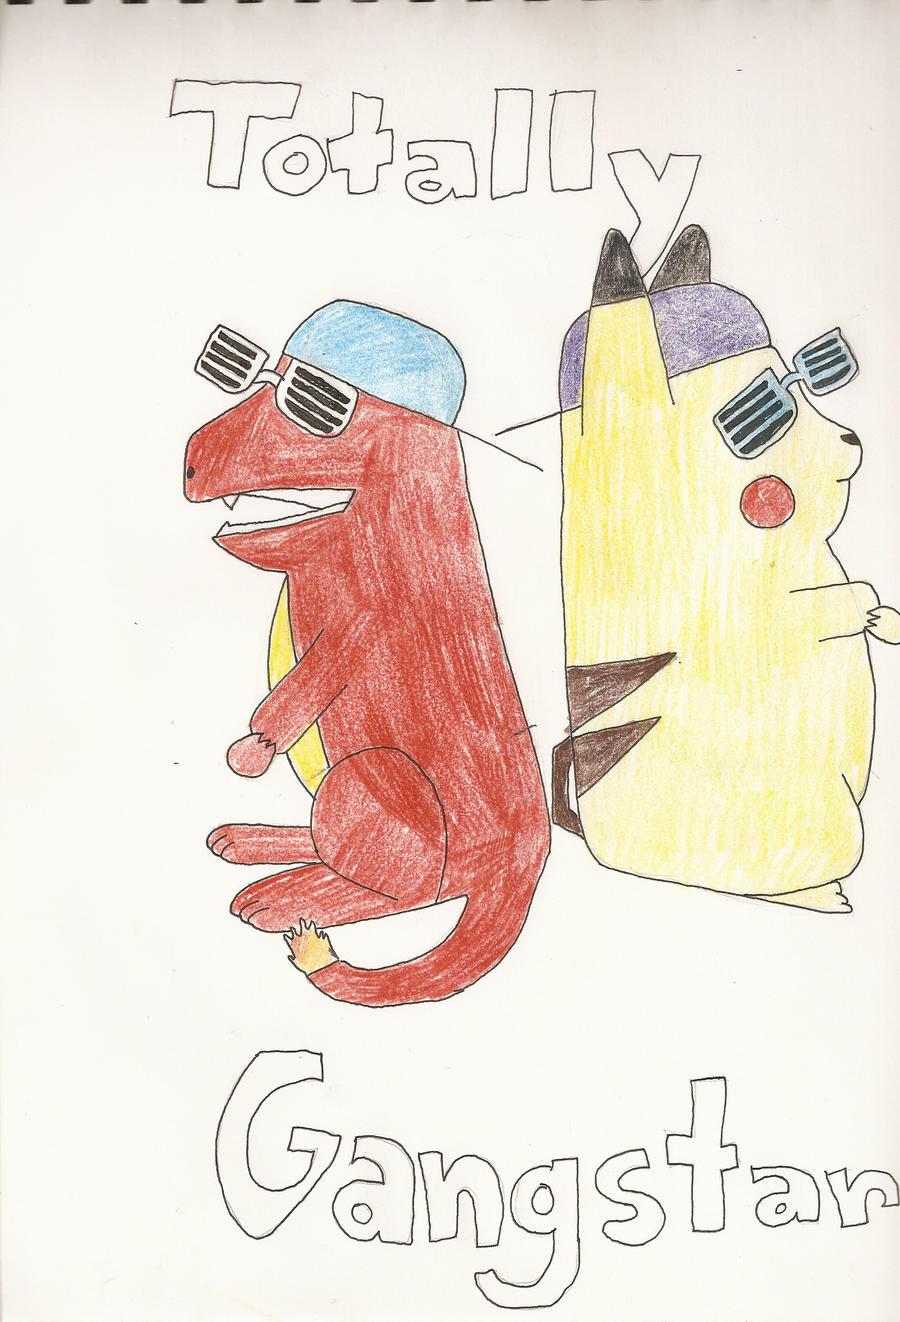 Totally Gangstar by ScrewAndBall